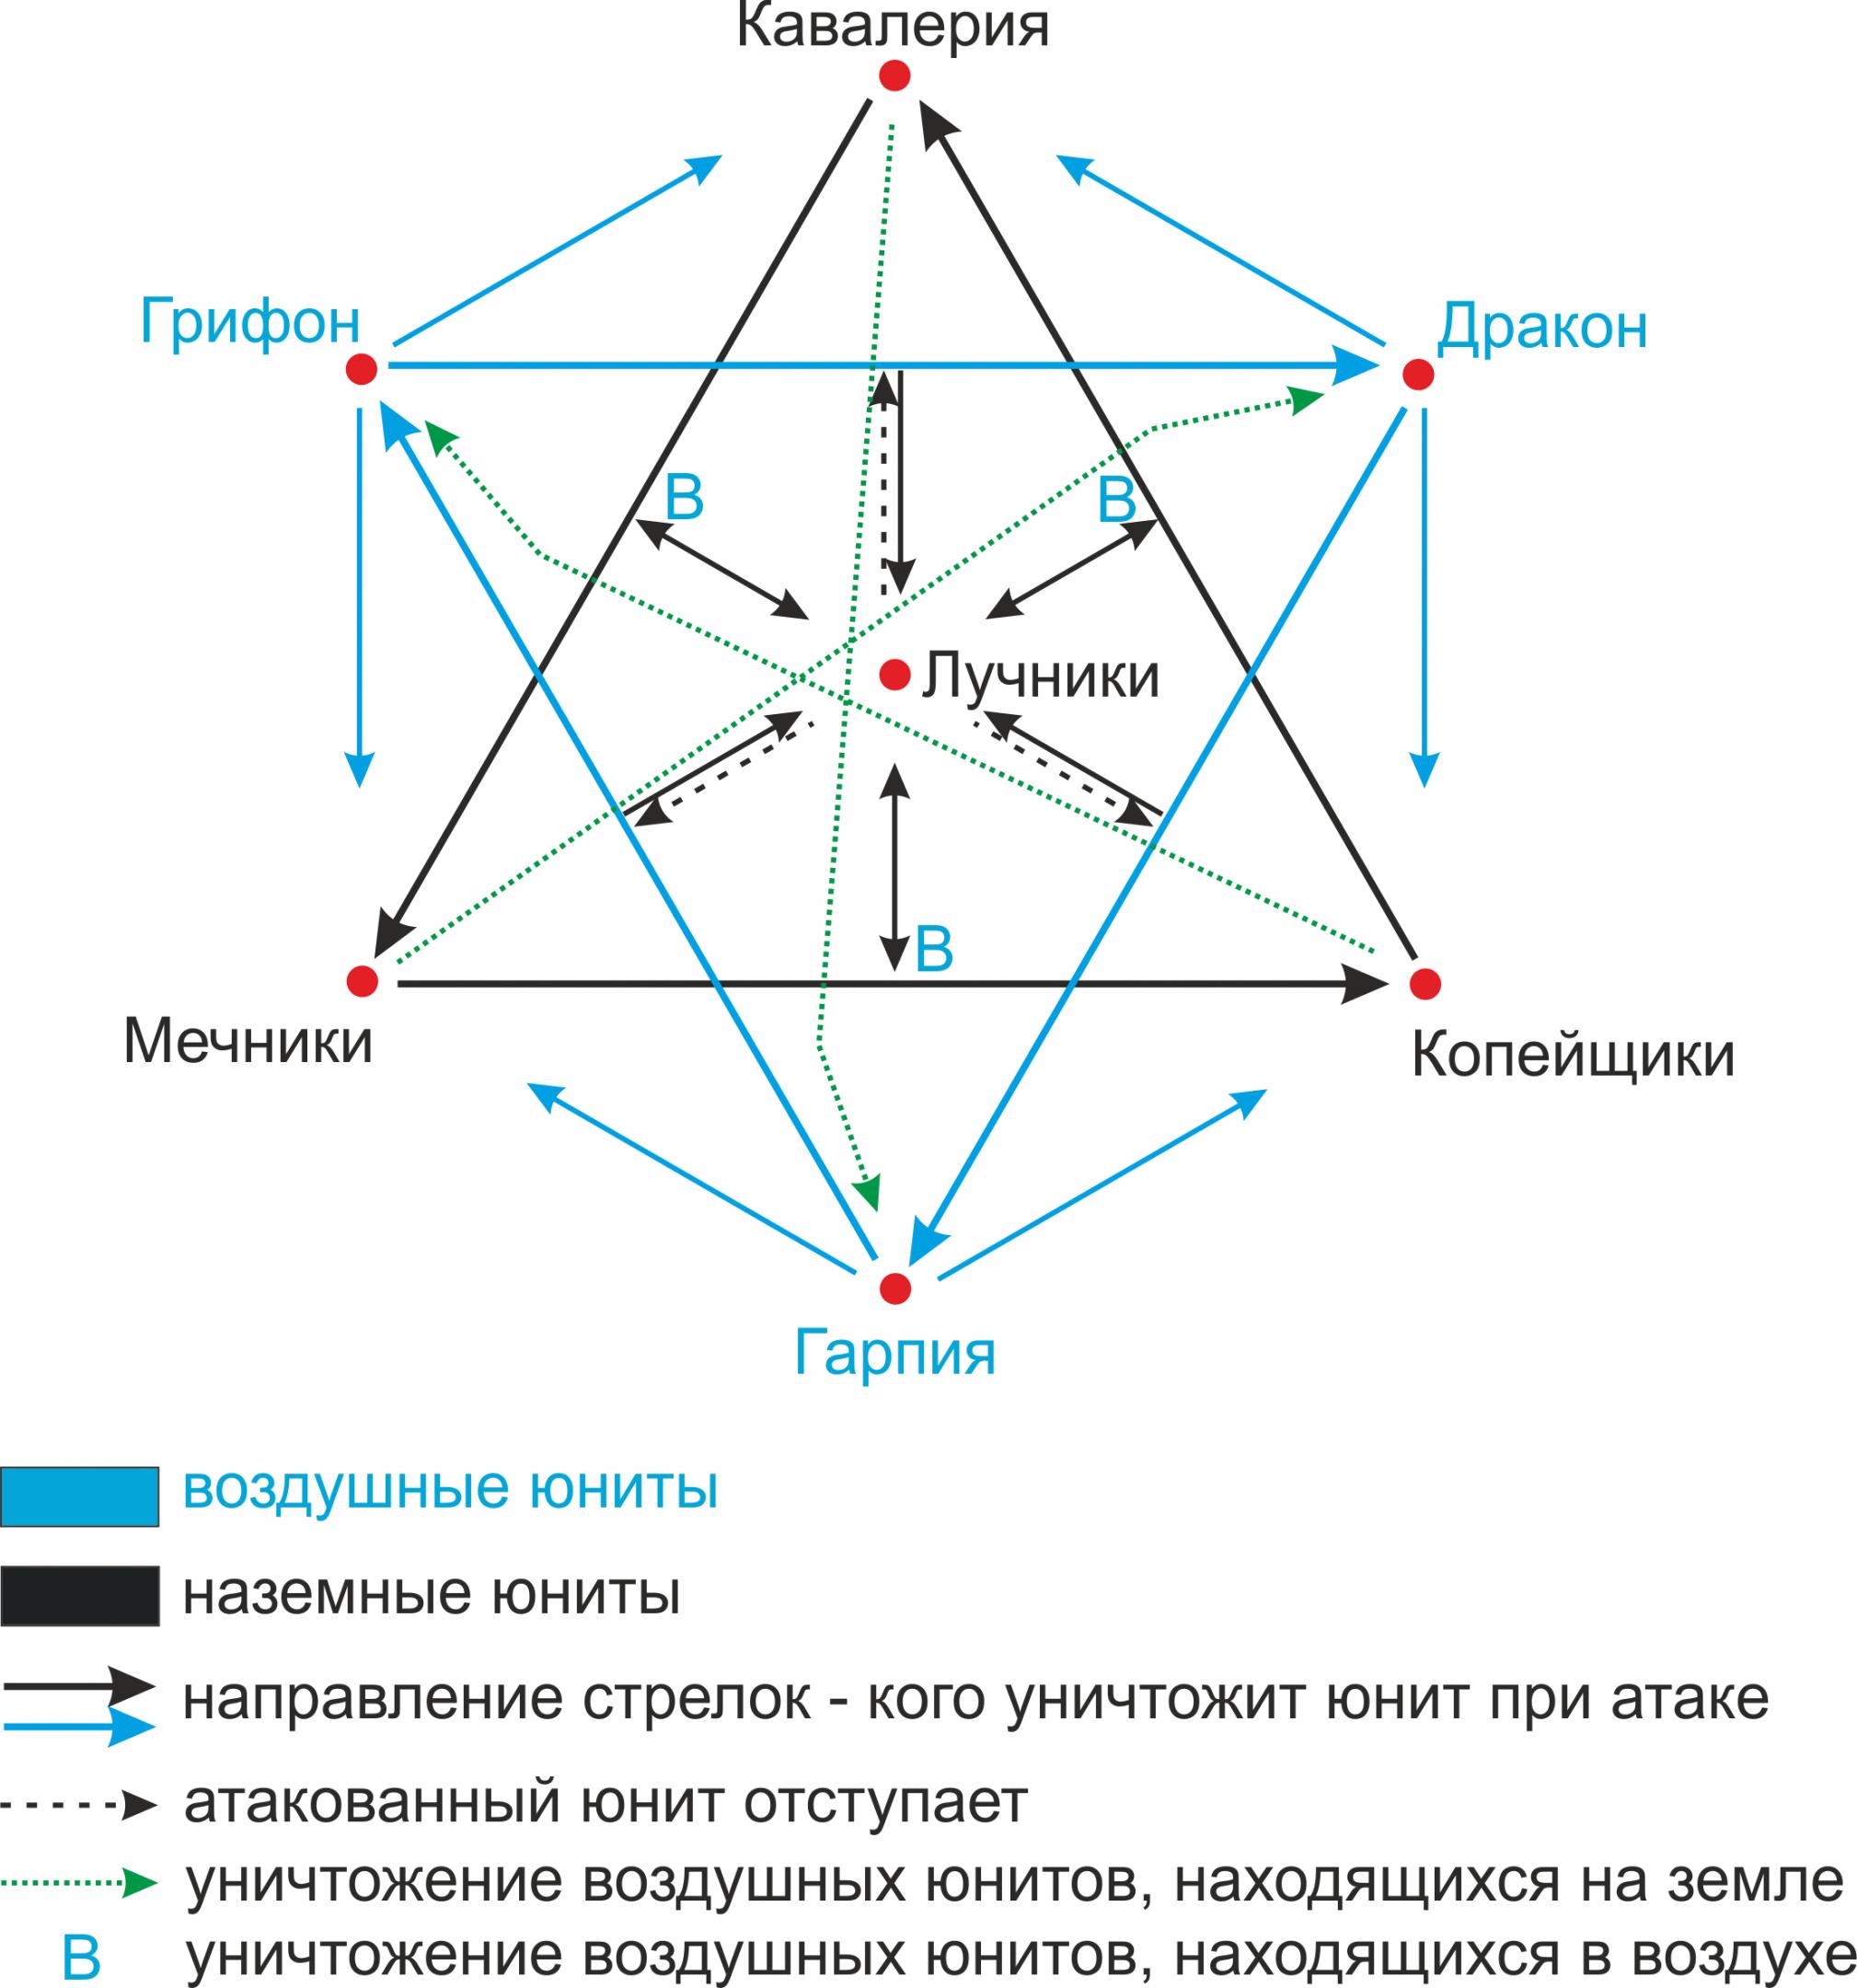 Схема взаимодействия юнитов_2_0.png